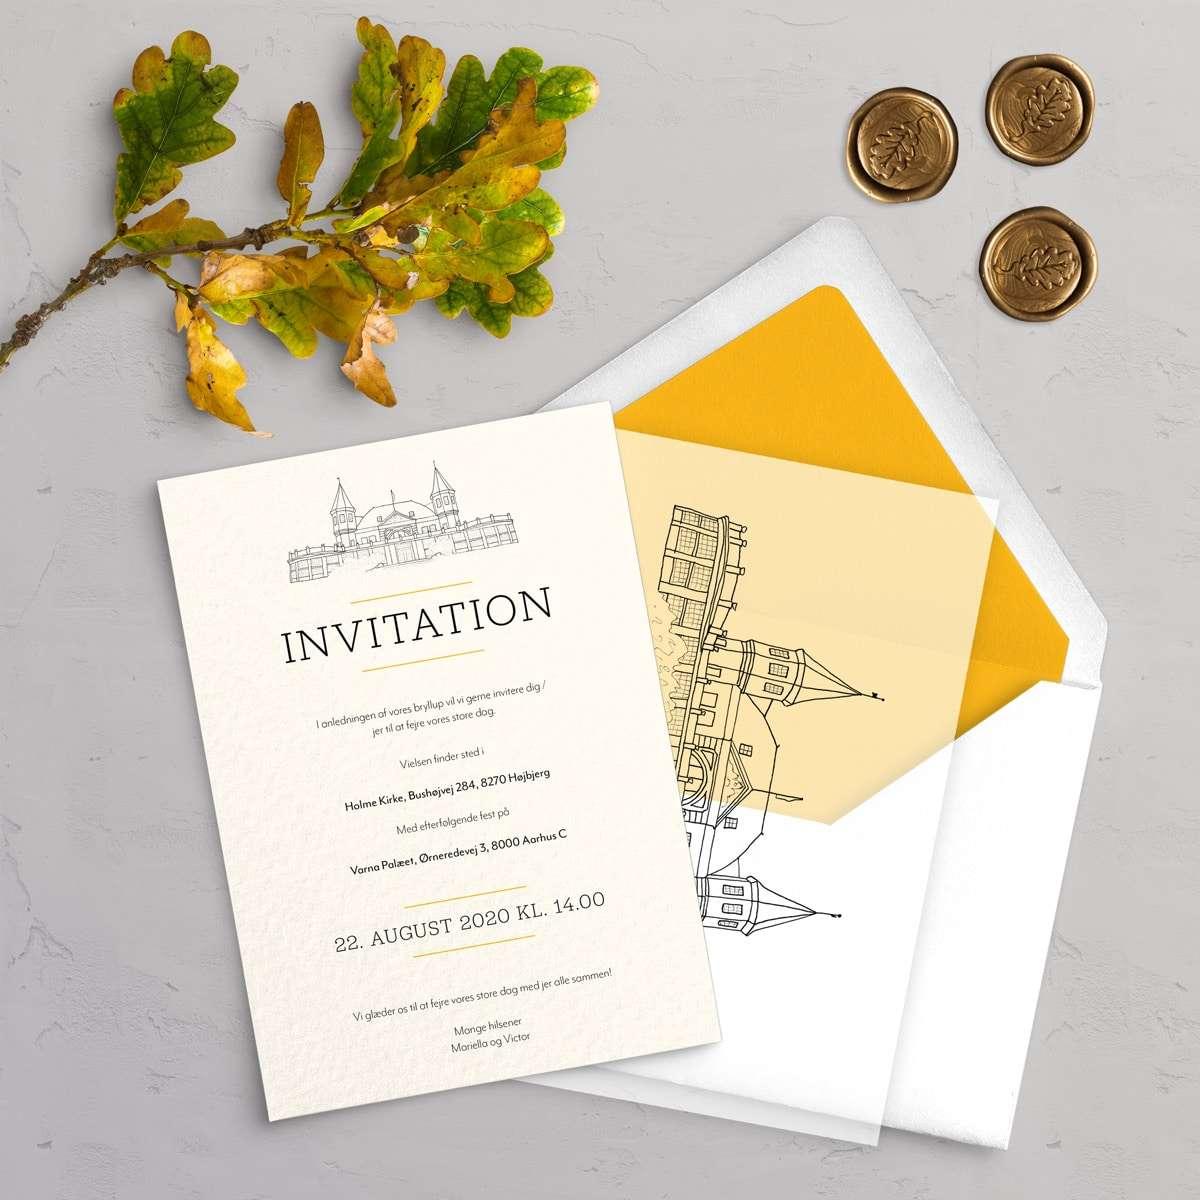 Bryllupsinvitation Varna Premium Bundle Akvarel indeholder Varna bryllupsinvitation, vellum cover med dine gæsters navne, laksegl og kuvert med for.